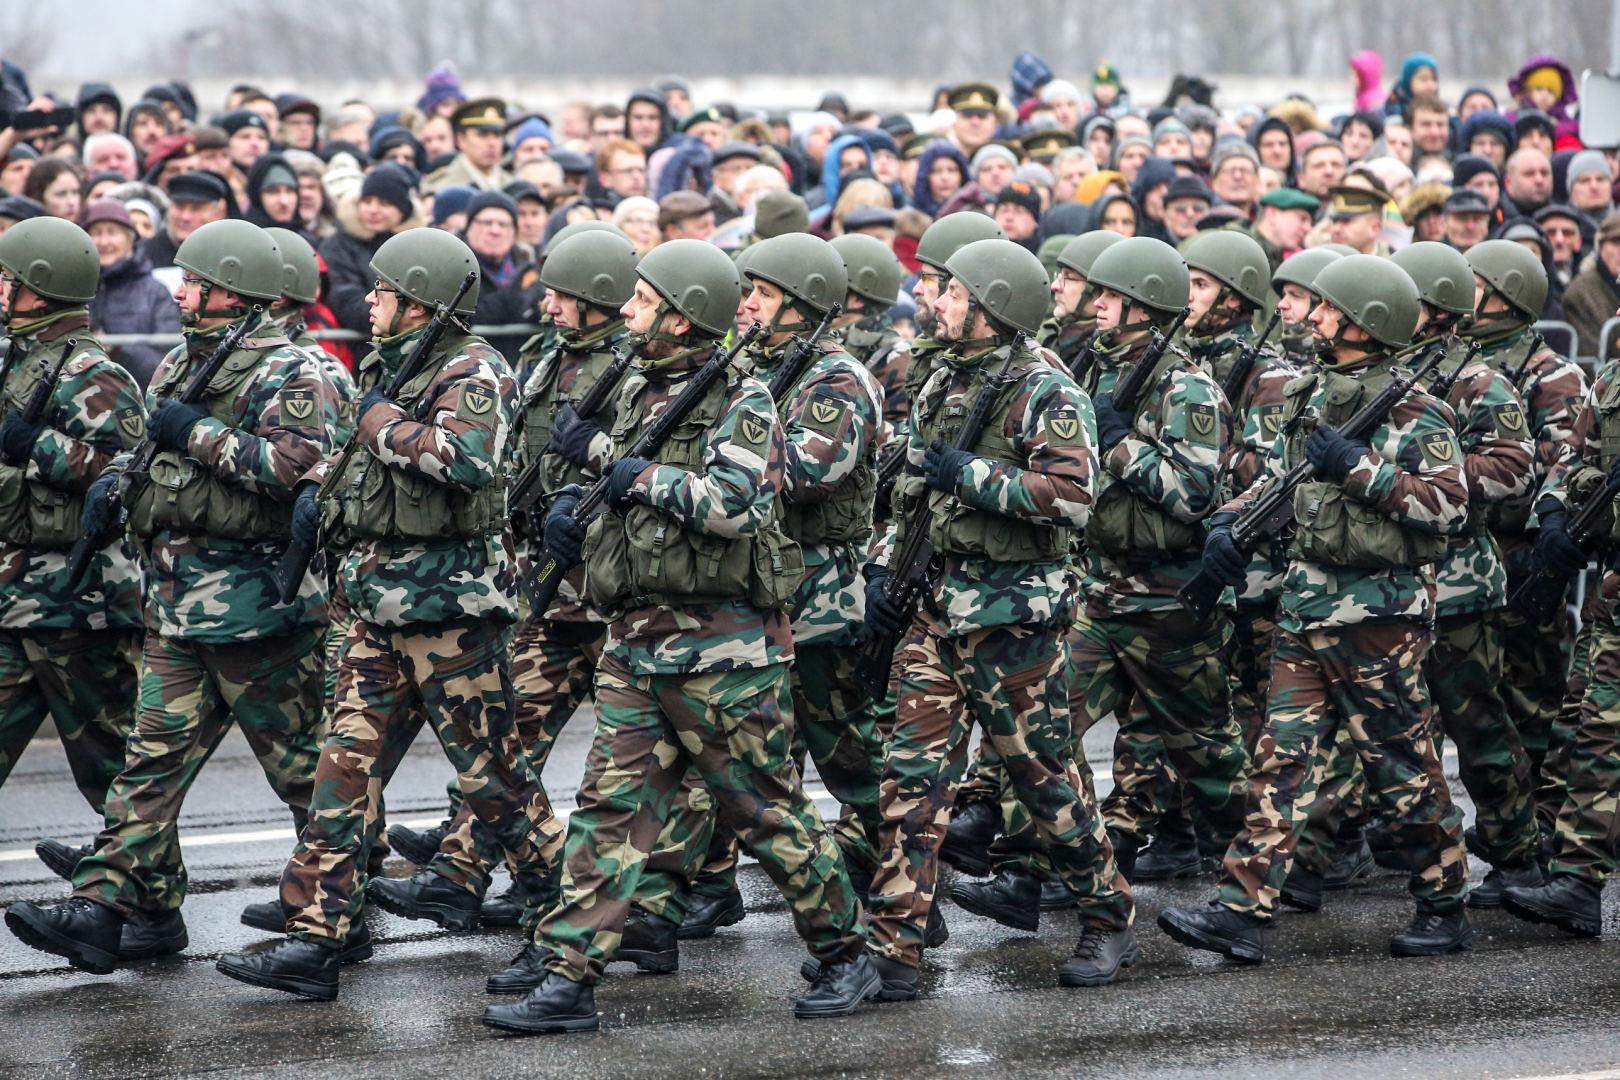 8 nauji pokyčiai 3 prekiaujantys kariai kaip užsidirbti pinigų demonstracinėje sąskaitoje